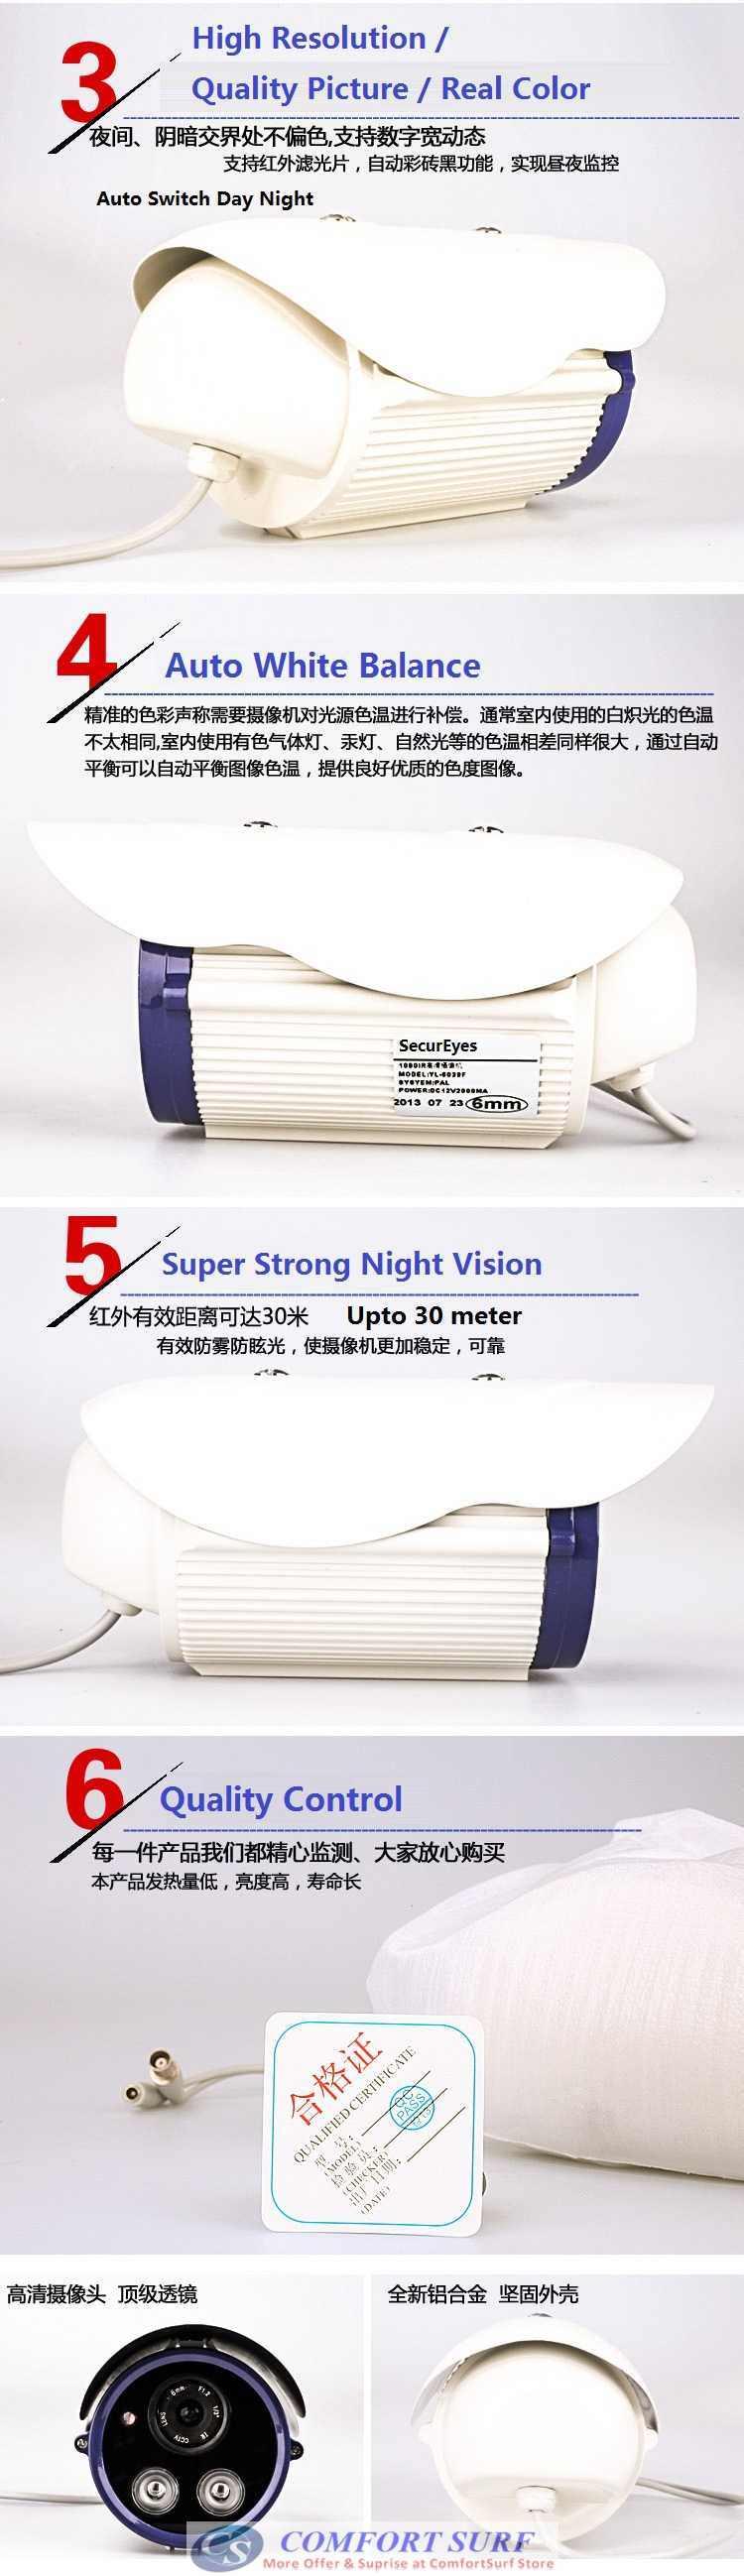 ecurEyes Original HD 1280 TVL 1/4 CMOS HD CCD CCTV Bullet Outdoor Color Camera